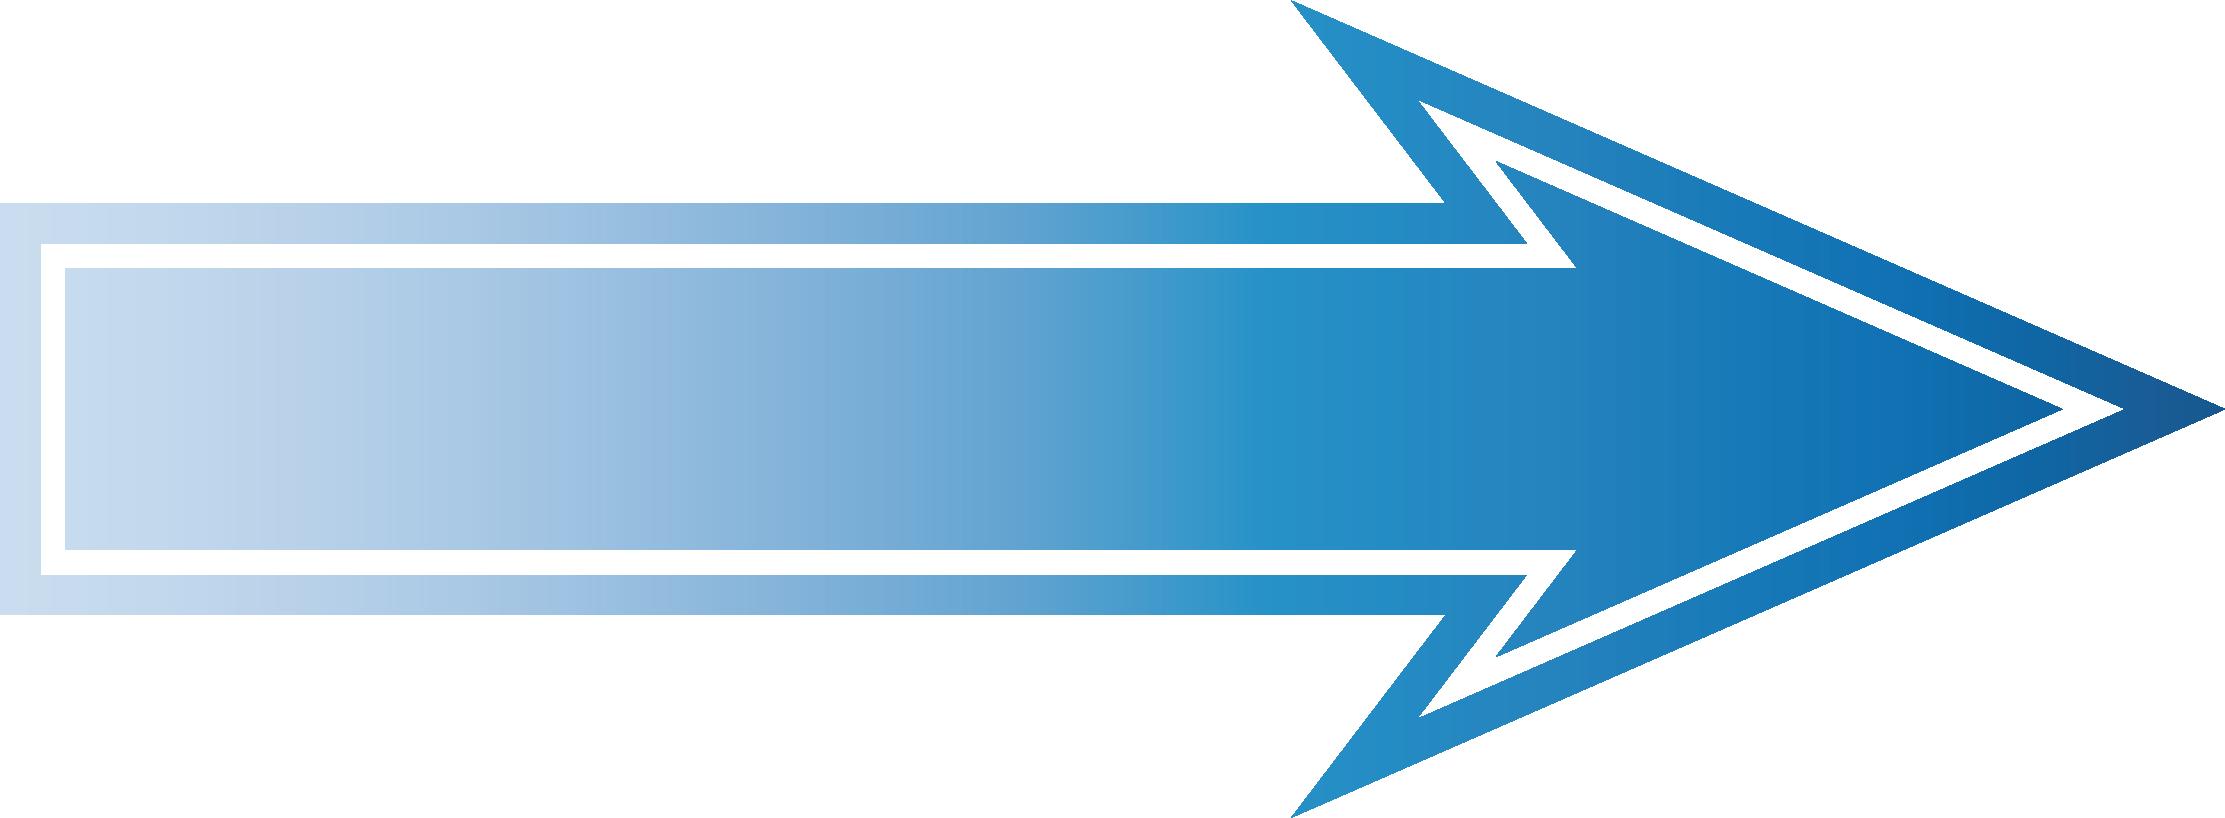 2225x818 Arrowhead Clip Art